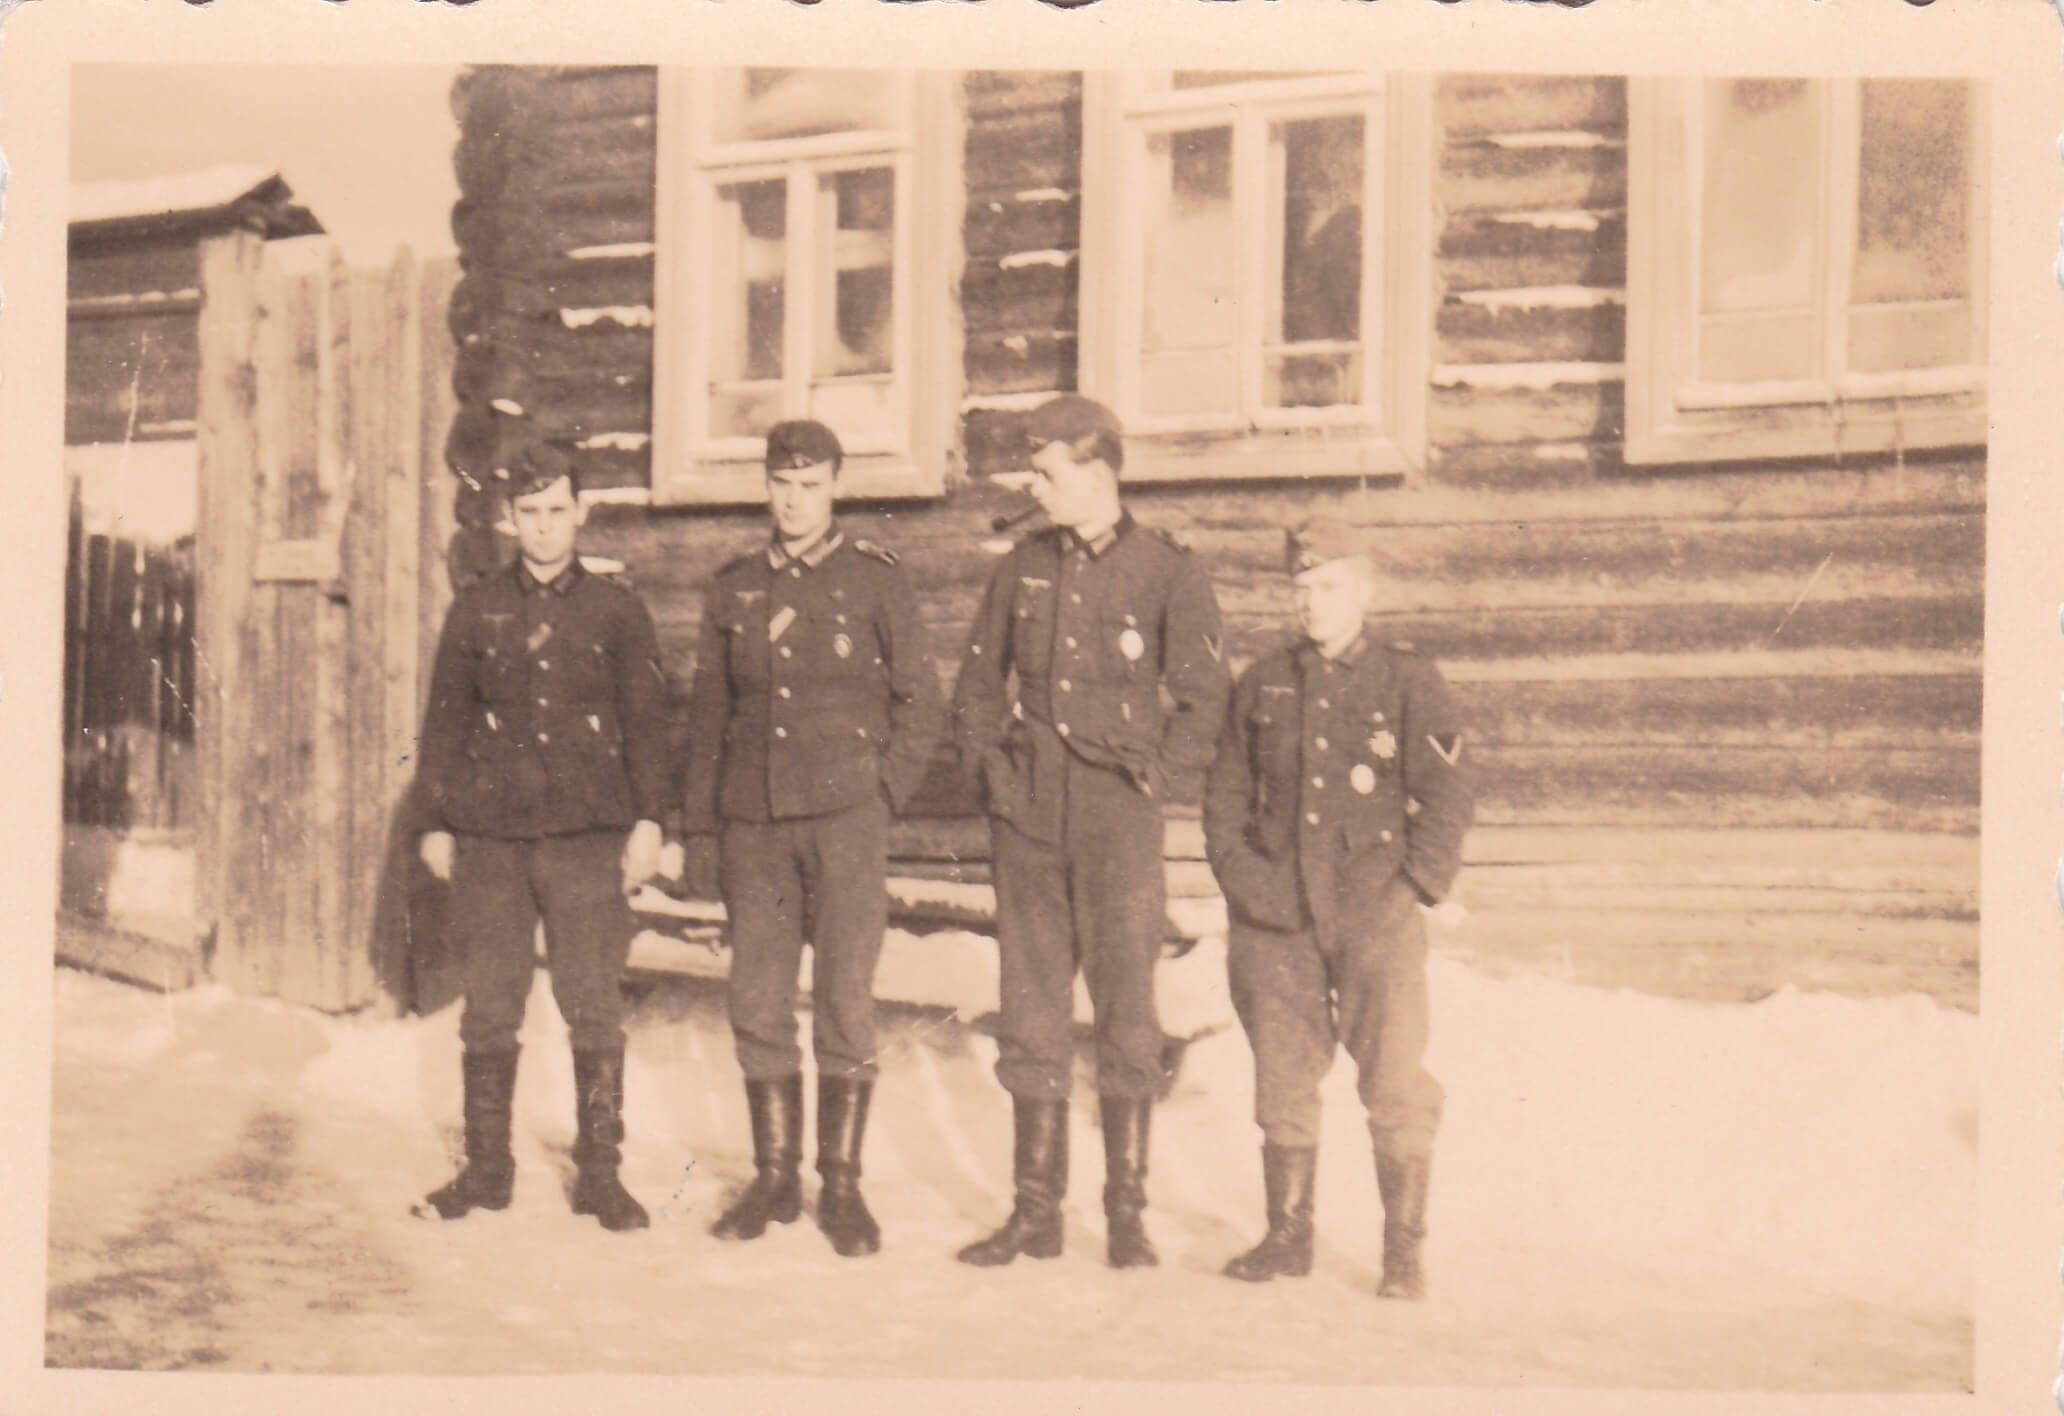 Gedecoreerde Wehrmacht soldaten uniform Oostfront wo2